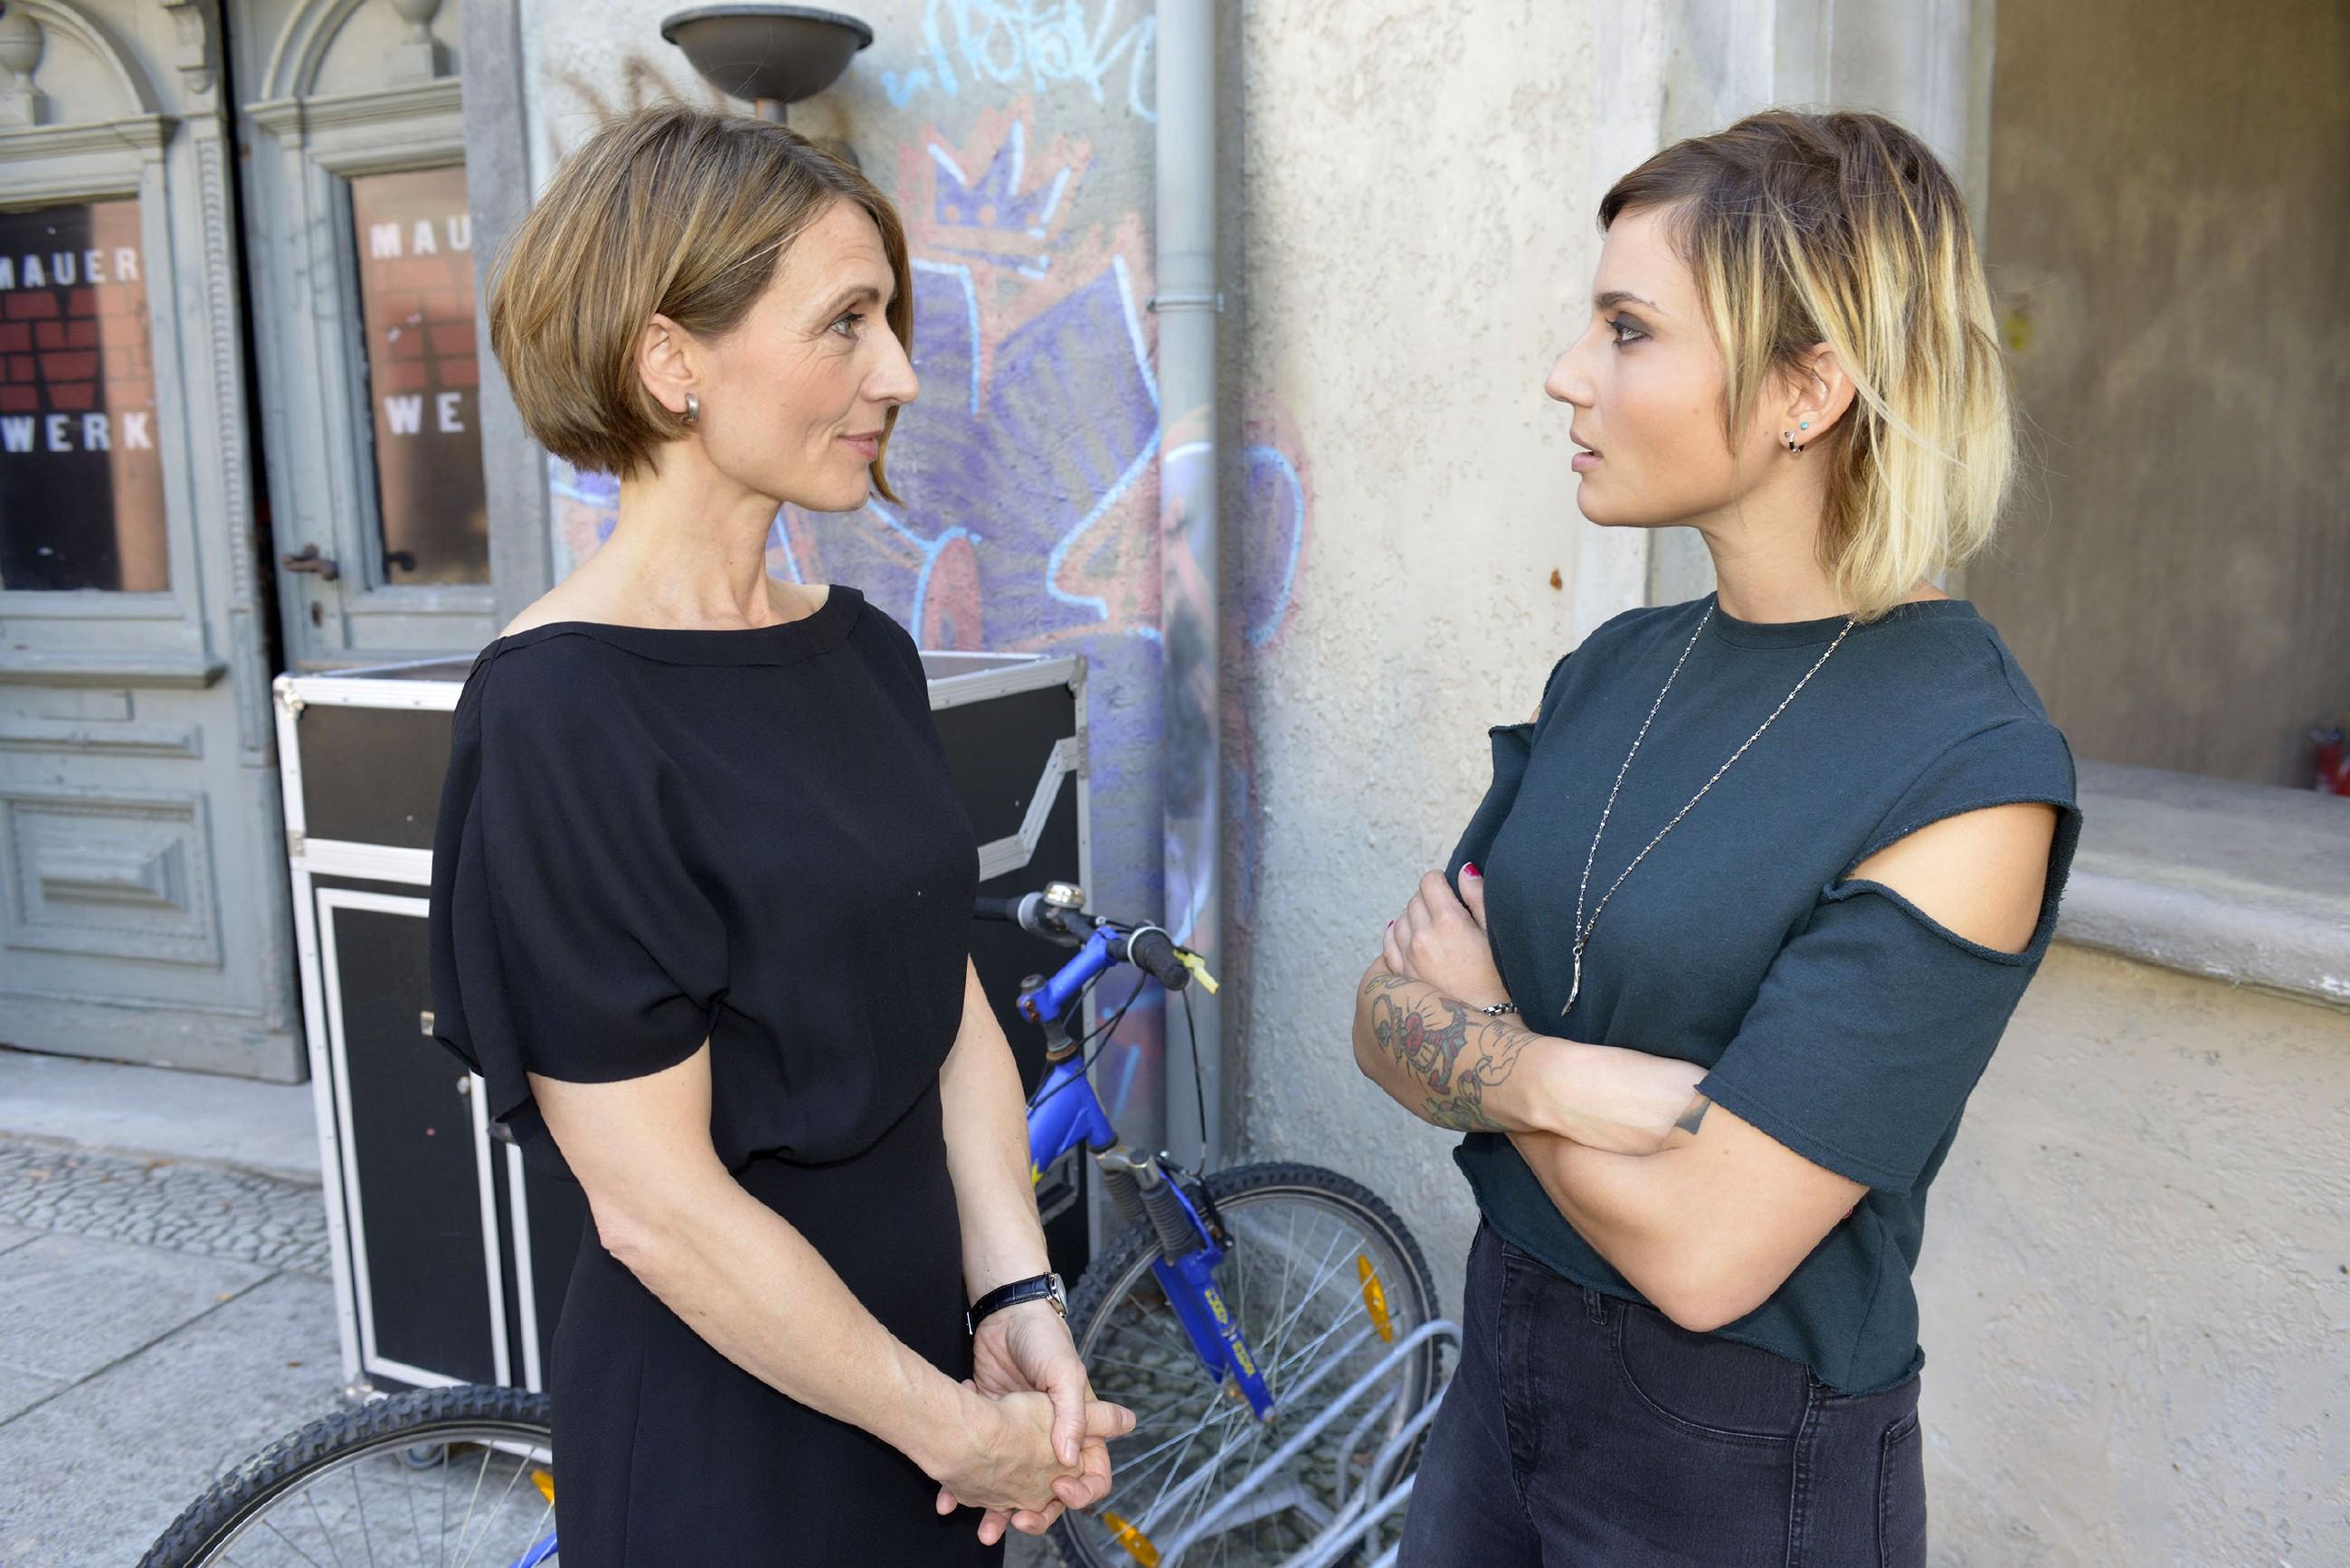 Auch wenn Anni (Linda Marlen Runge, r.) die Gegensätze zwischen Rosa (Joana Schümer) und ihr manchmal zum Wahnsinn treiben, hat sie weiter Spaß an der lockeren Affäre.